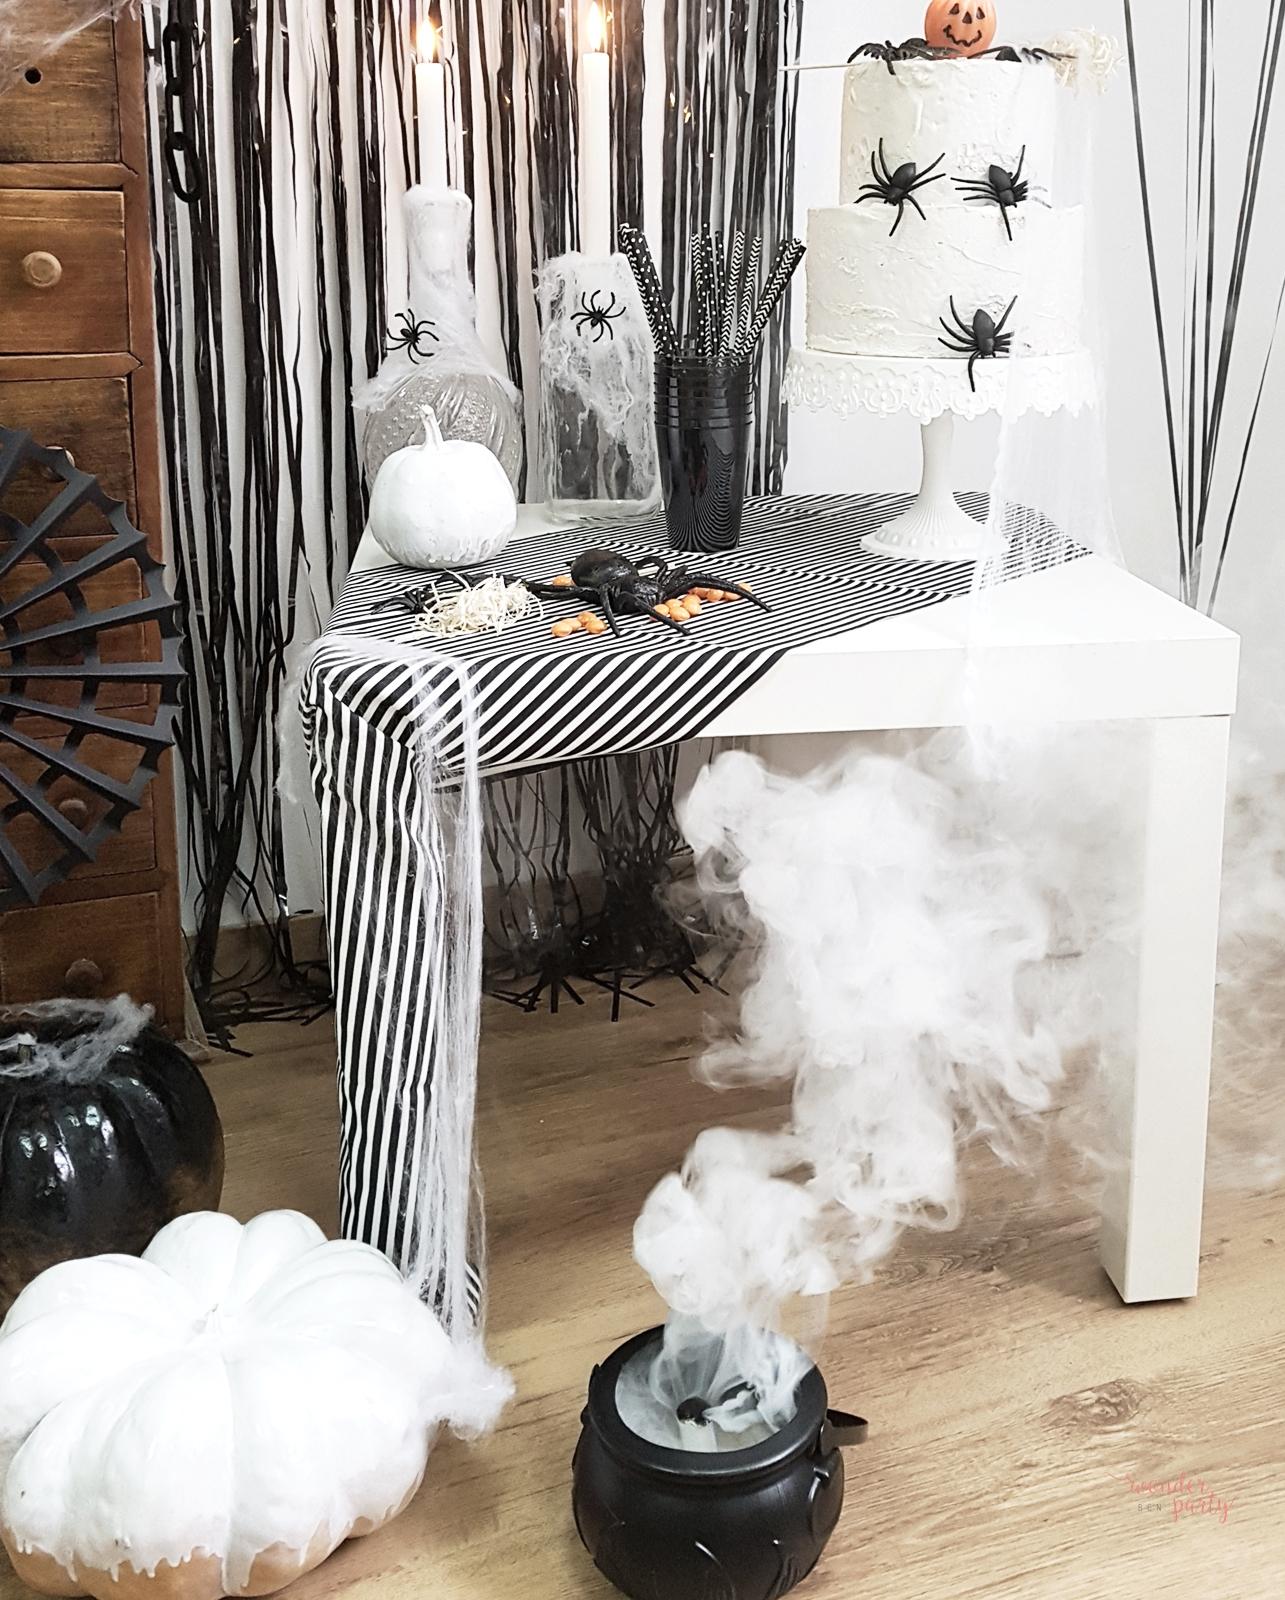 Halloboo party inspiración para halloween fiestas y productos para fiestas temáticas en barcelona para familias únicas Wonder Party Bcn DIY para fiesta de halooween disfrcaes para niños bruja disfraz de bruja para halooween